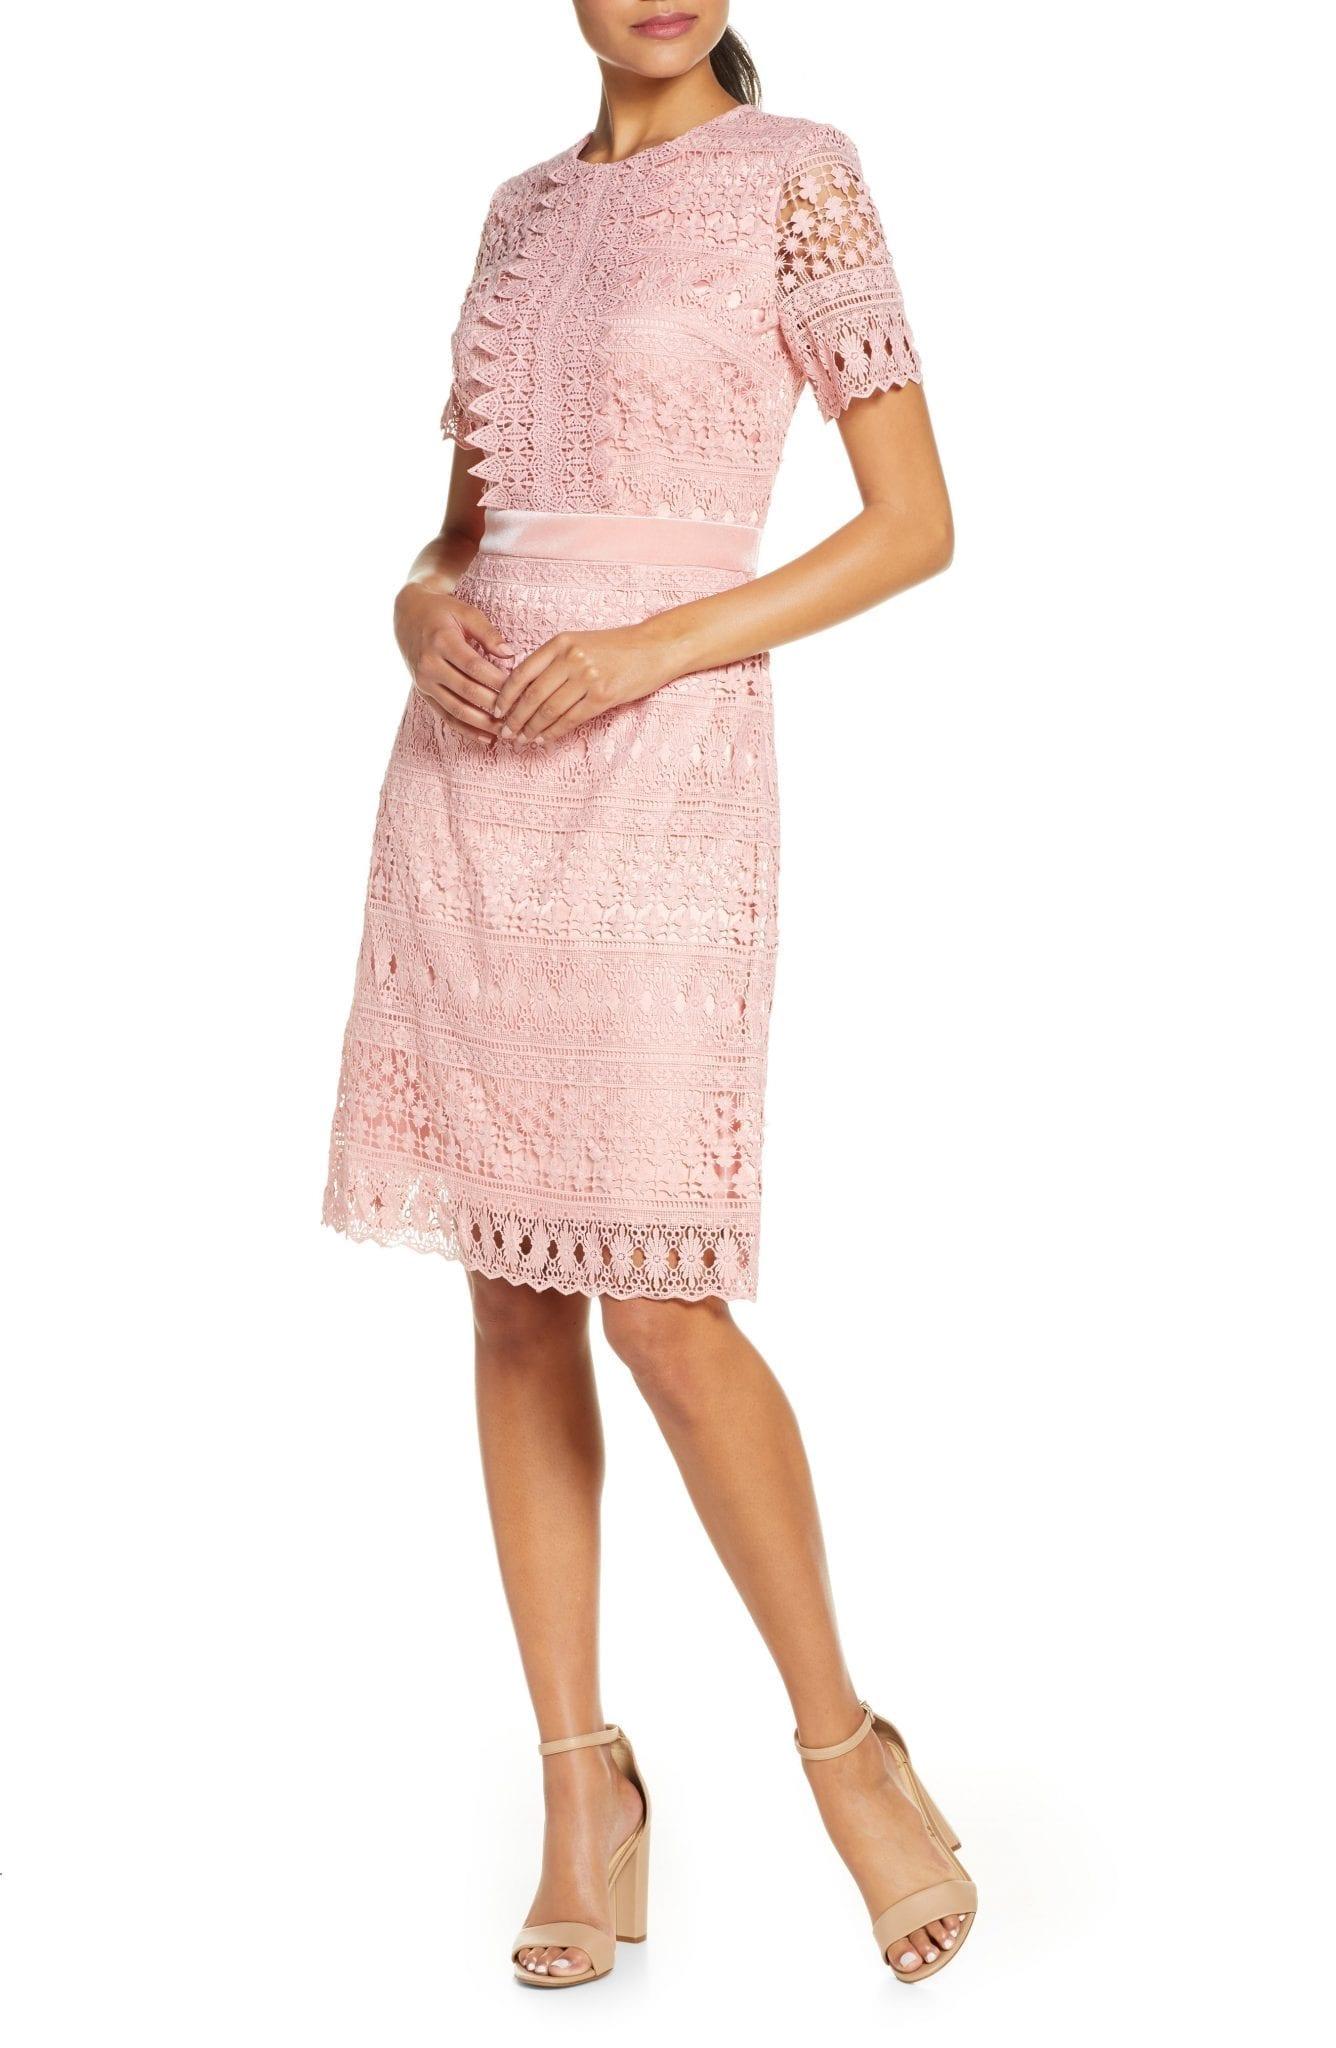 RACHEL PARCELL Lace Dress